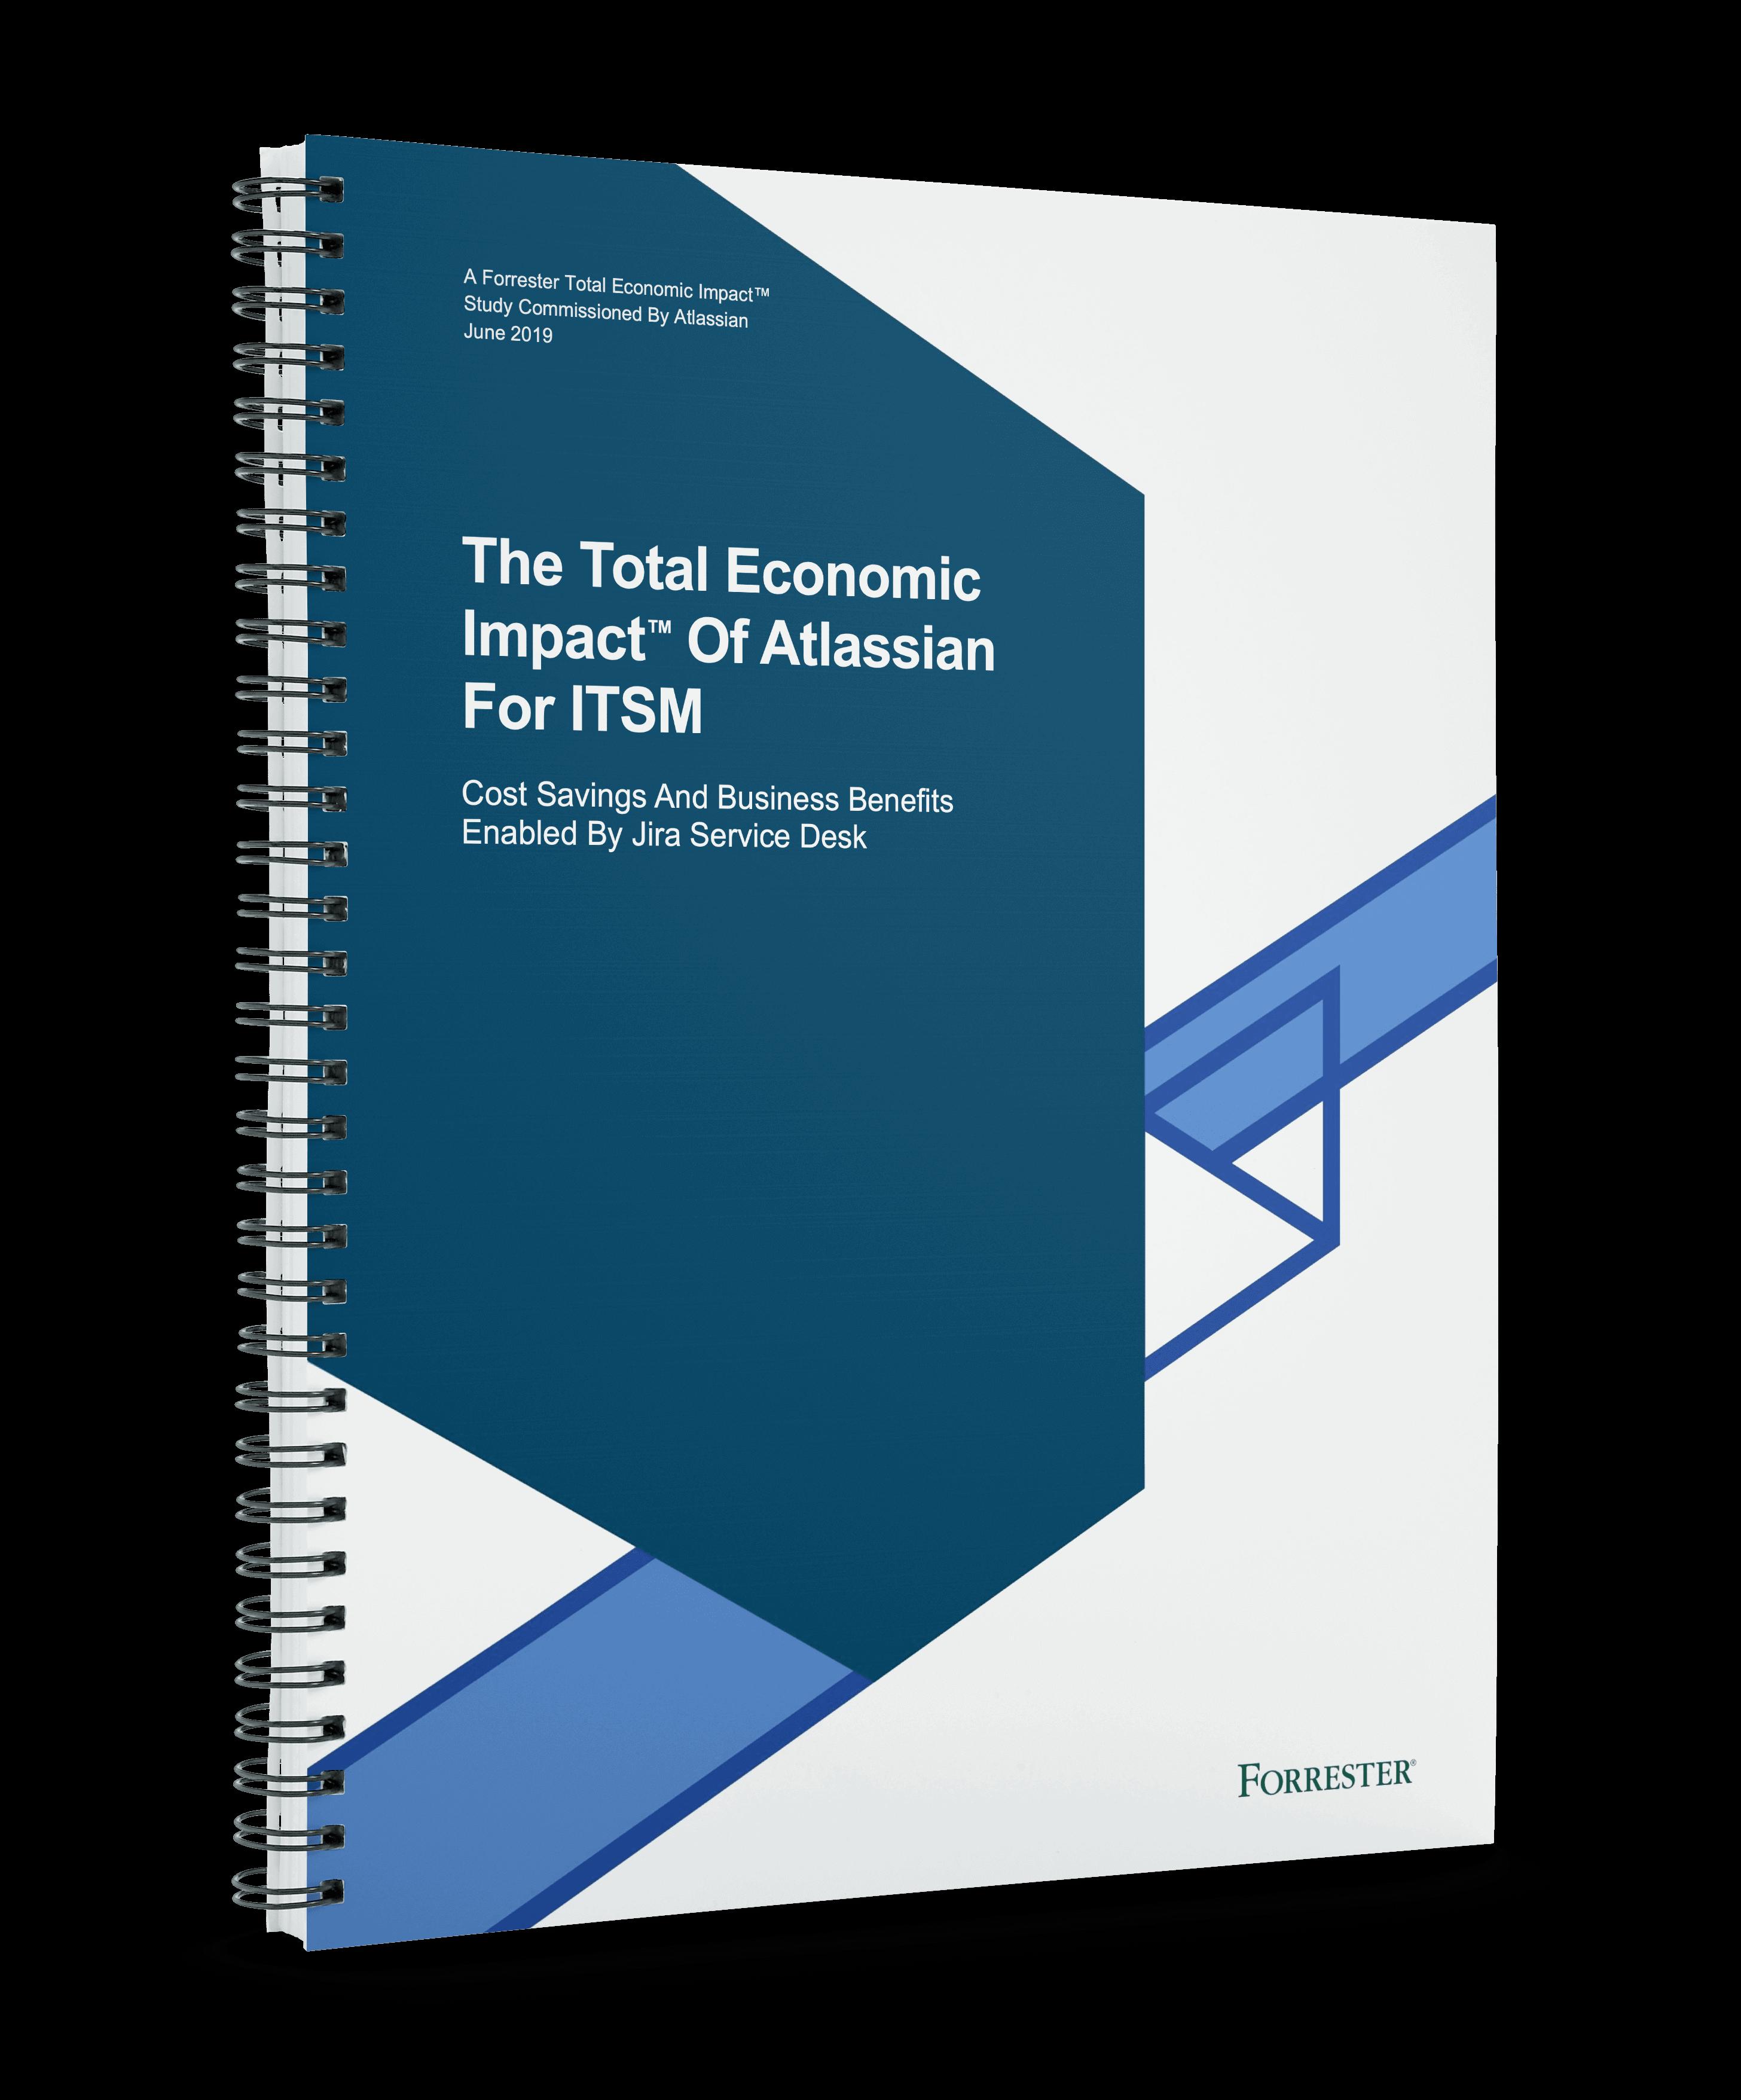 Ocena efektywności rozwiązań ITSM firmy Atlassian metodą Total Economic Impact™ firmy Forrester